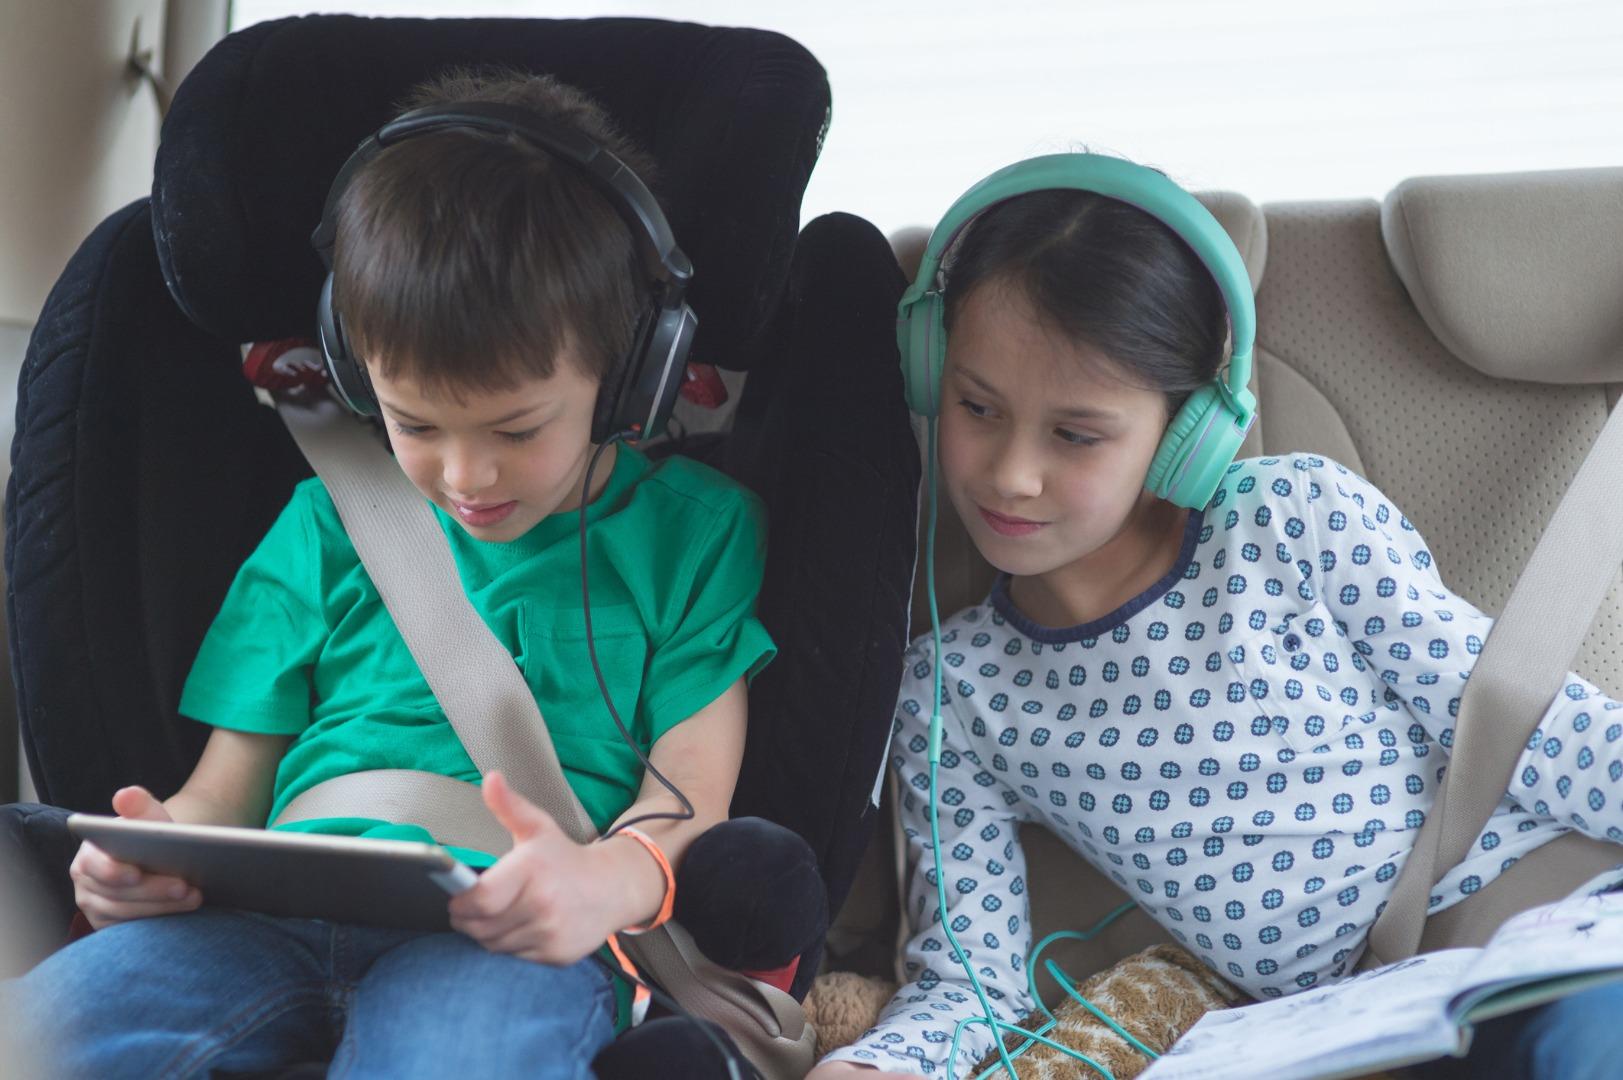 Las mejores apps para el coche de este verano: radares, música, gasolineras